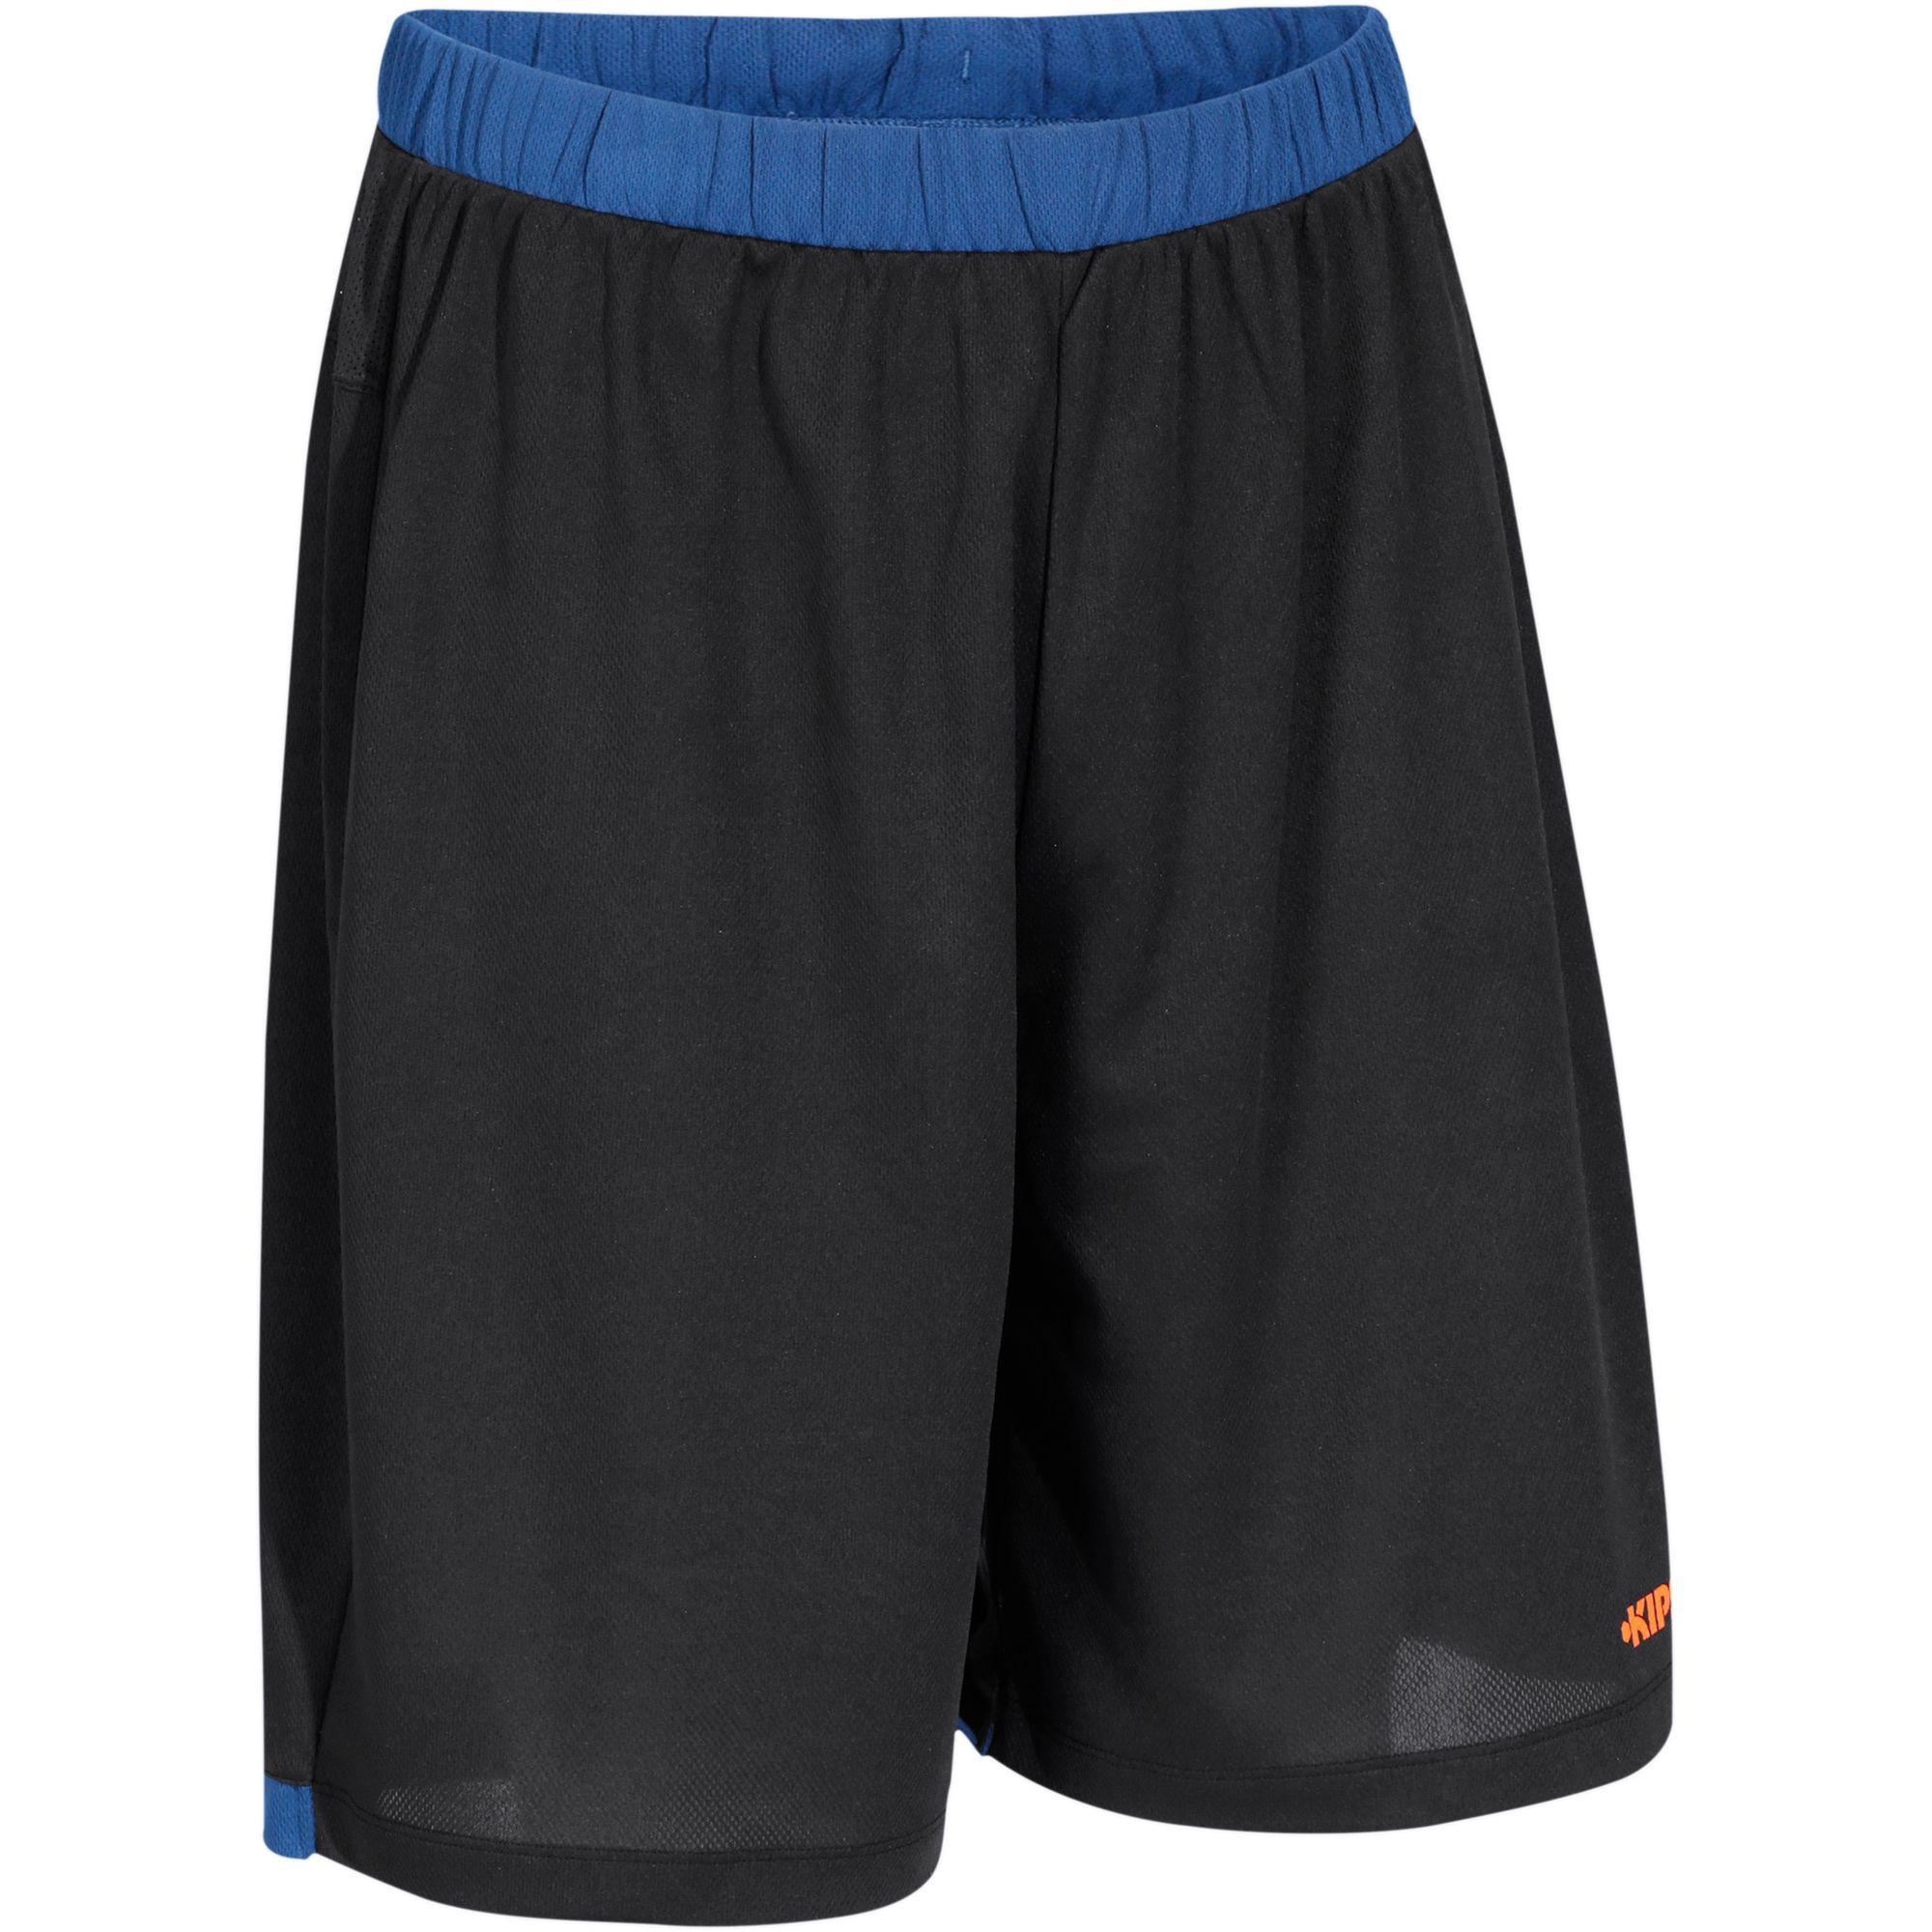 Short basketball homme B500 navy noir orange